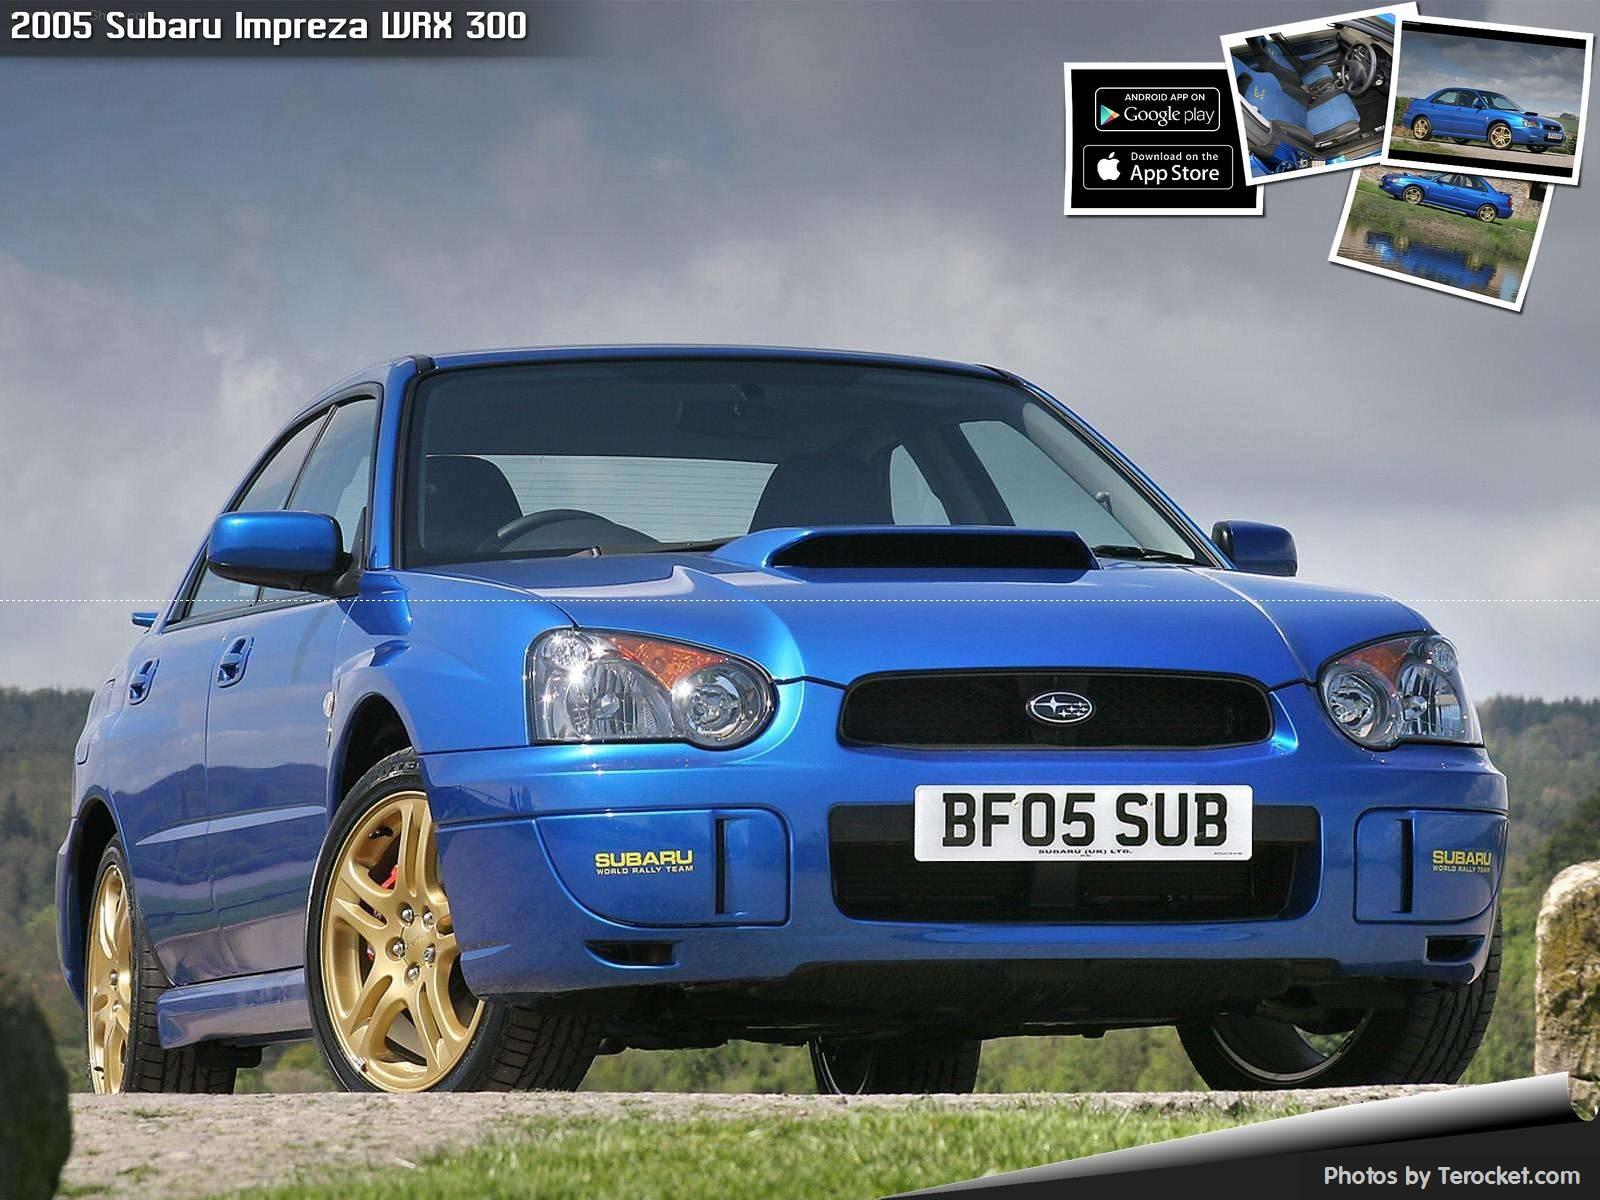 Hình ảnh xe ô tô Subaru Impreza WRX 300 2005 & nội ngoại thất